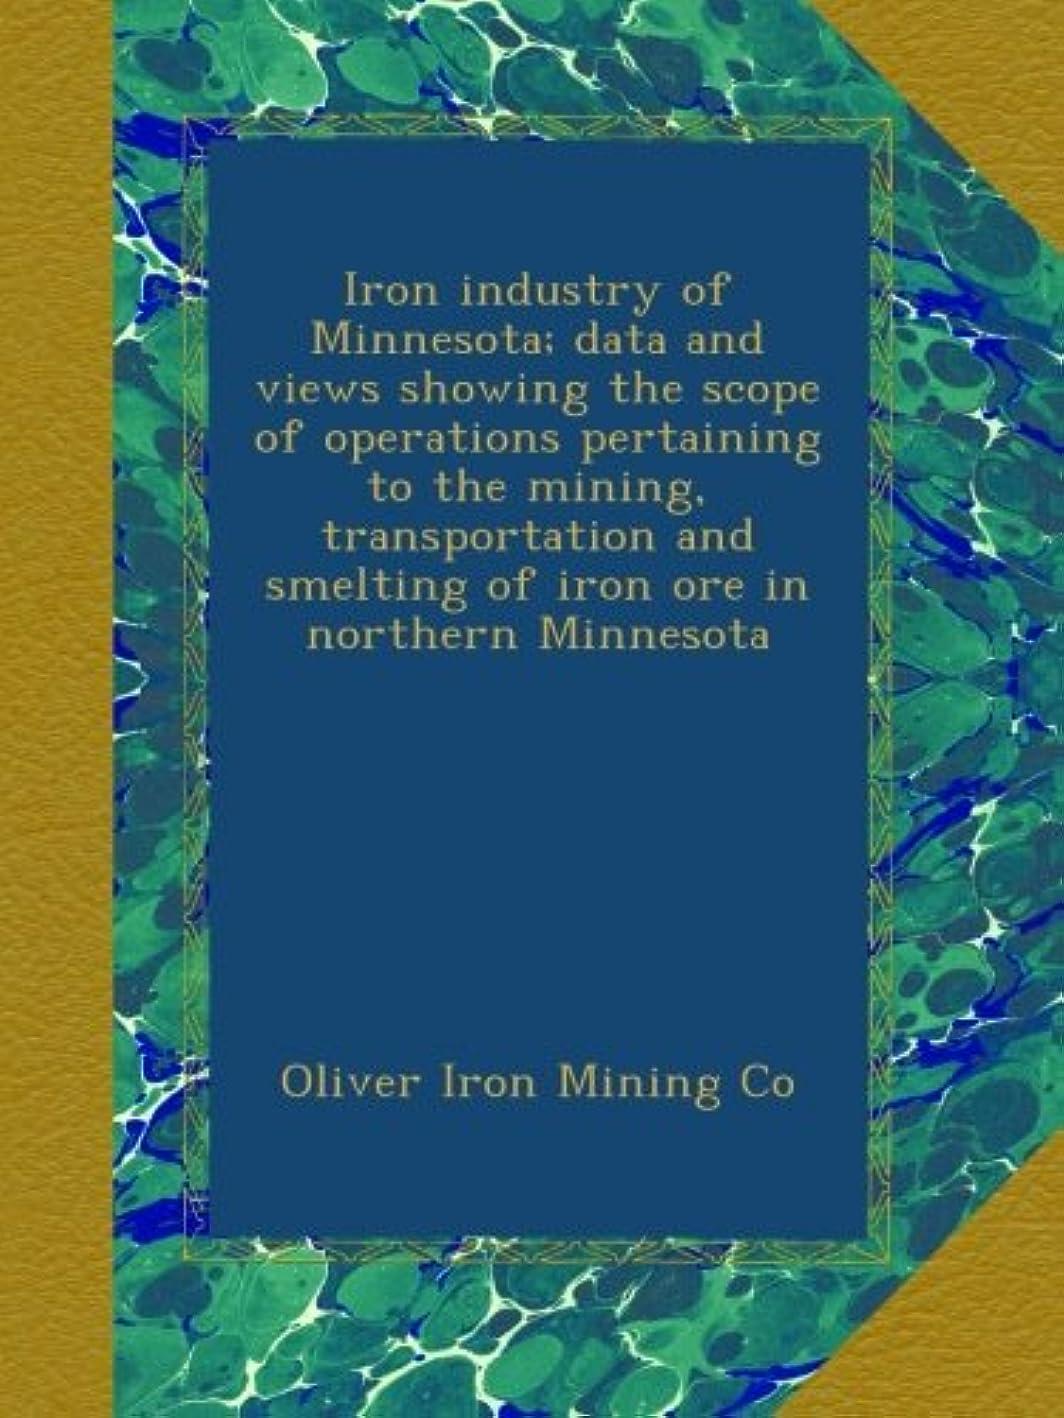 グリル囲む羊飼いIron industry of Minnesota; data and views showing the scope of operations pertaining to the mining, transportation and smelting of iron ore in northern Minnesota